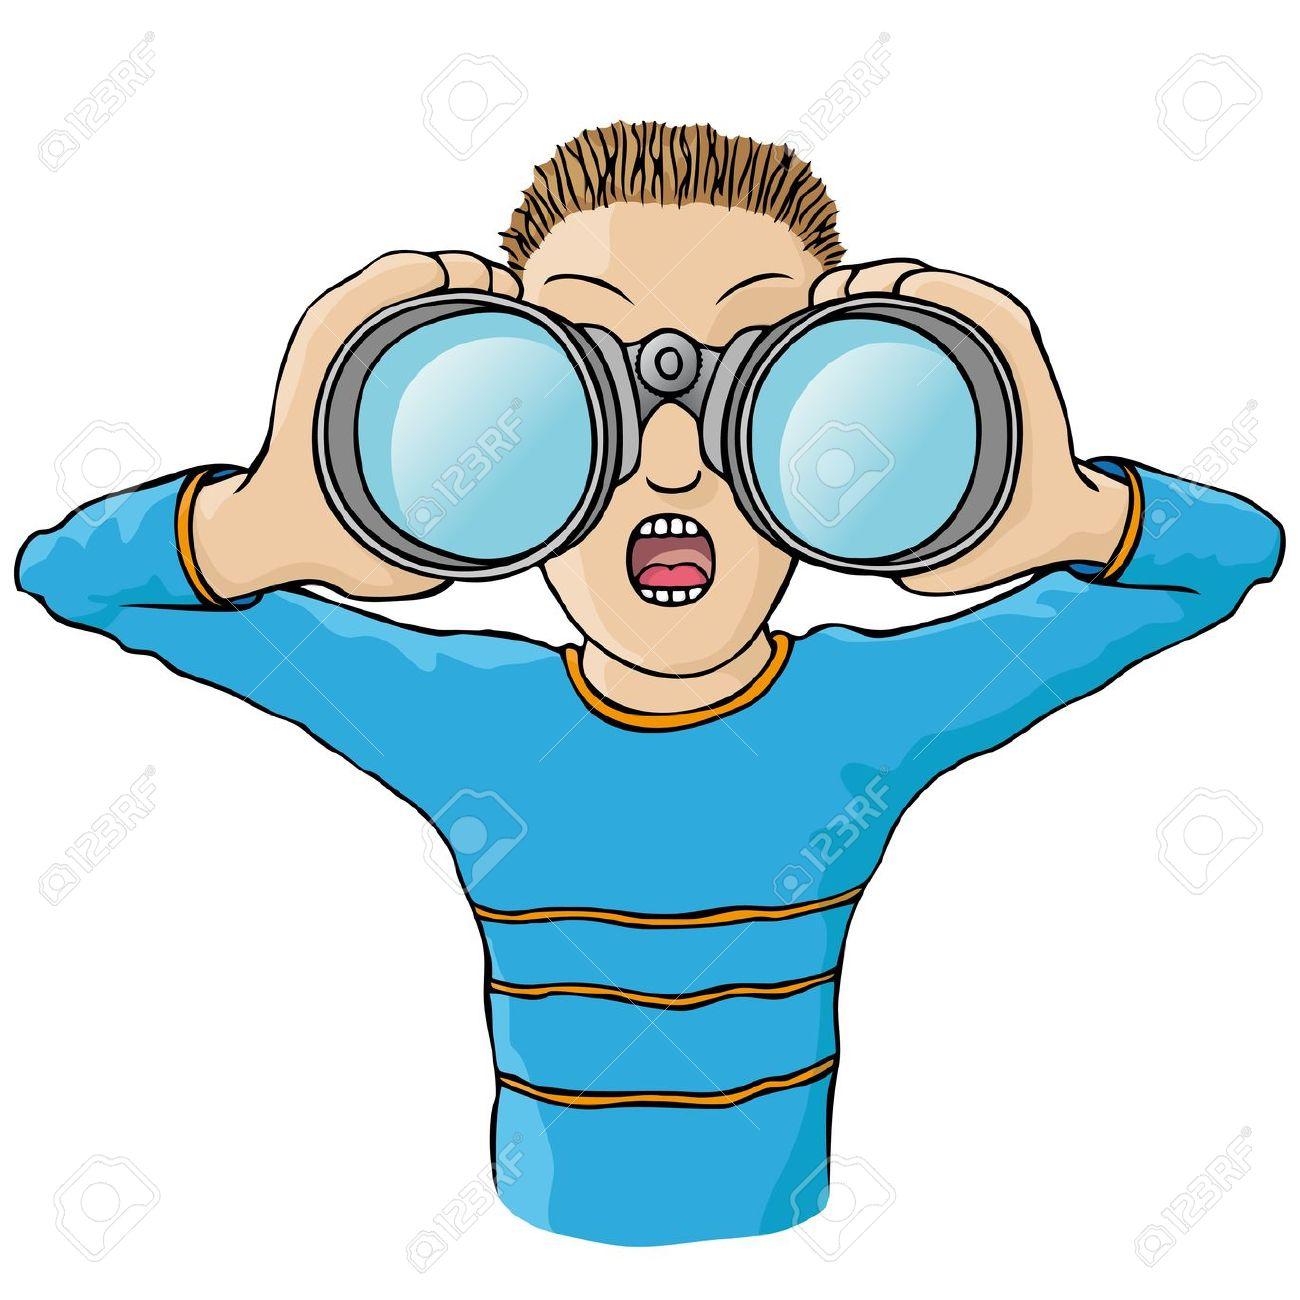 binoculars clipart - photo #5